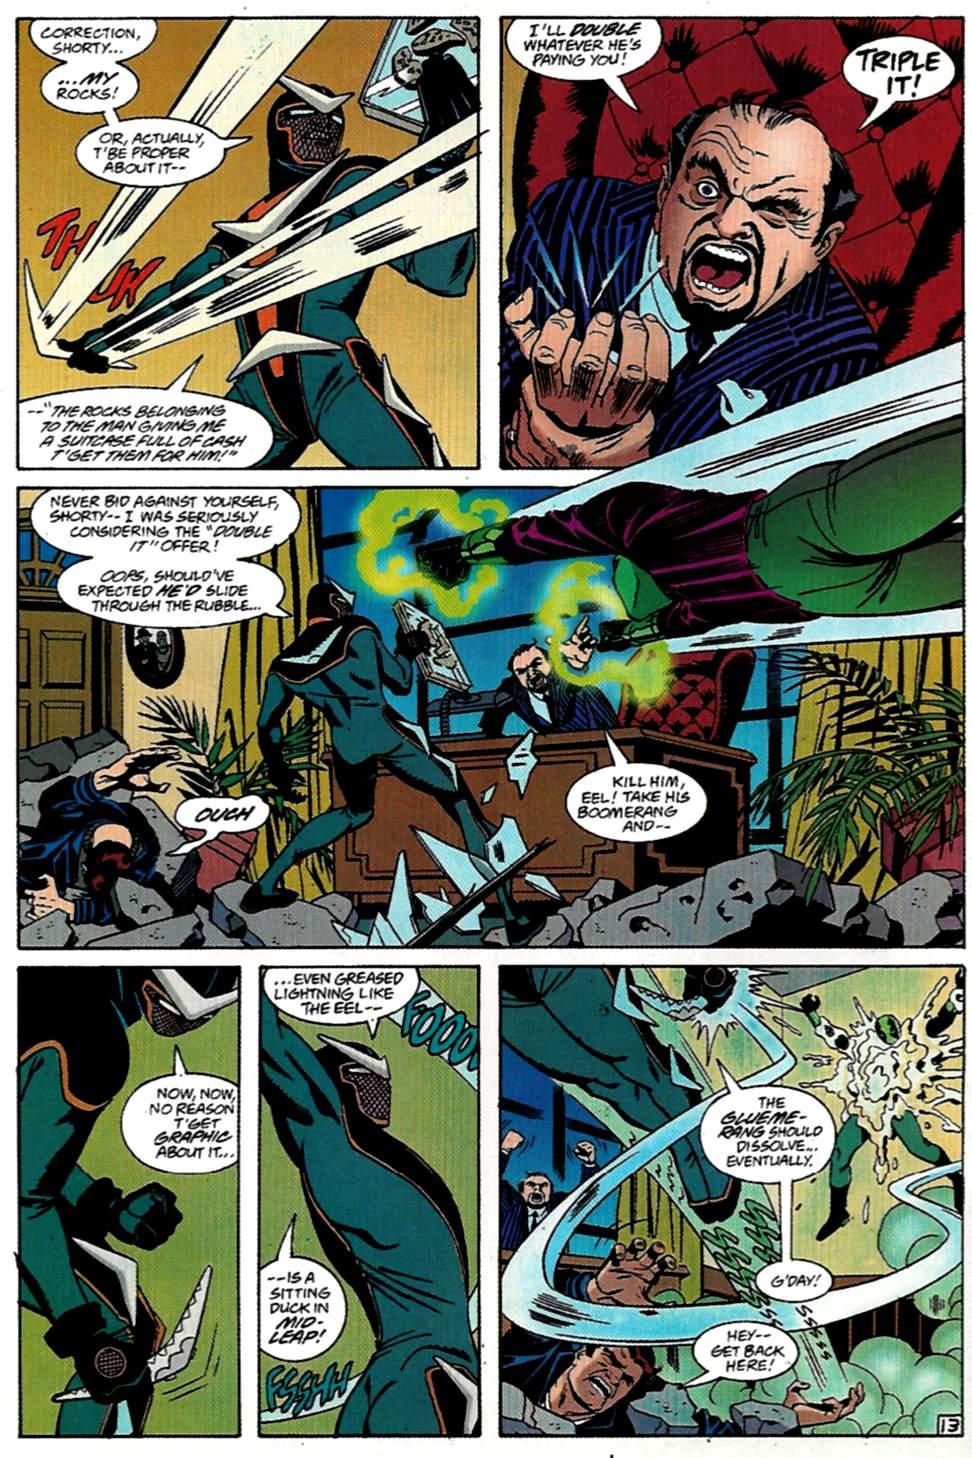 Read online Spider-Man: Lifeline comic -  Issue #1 - 14